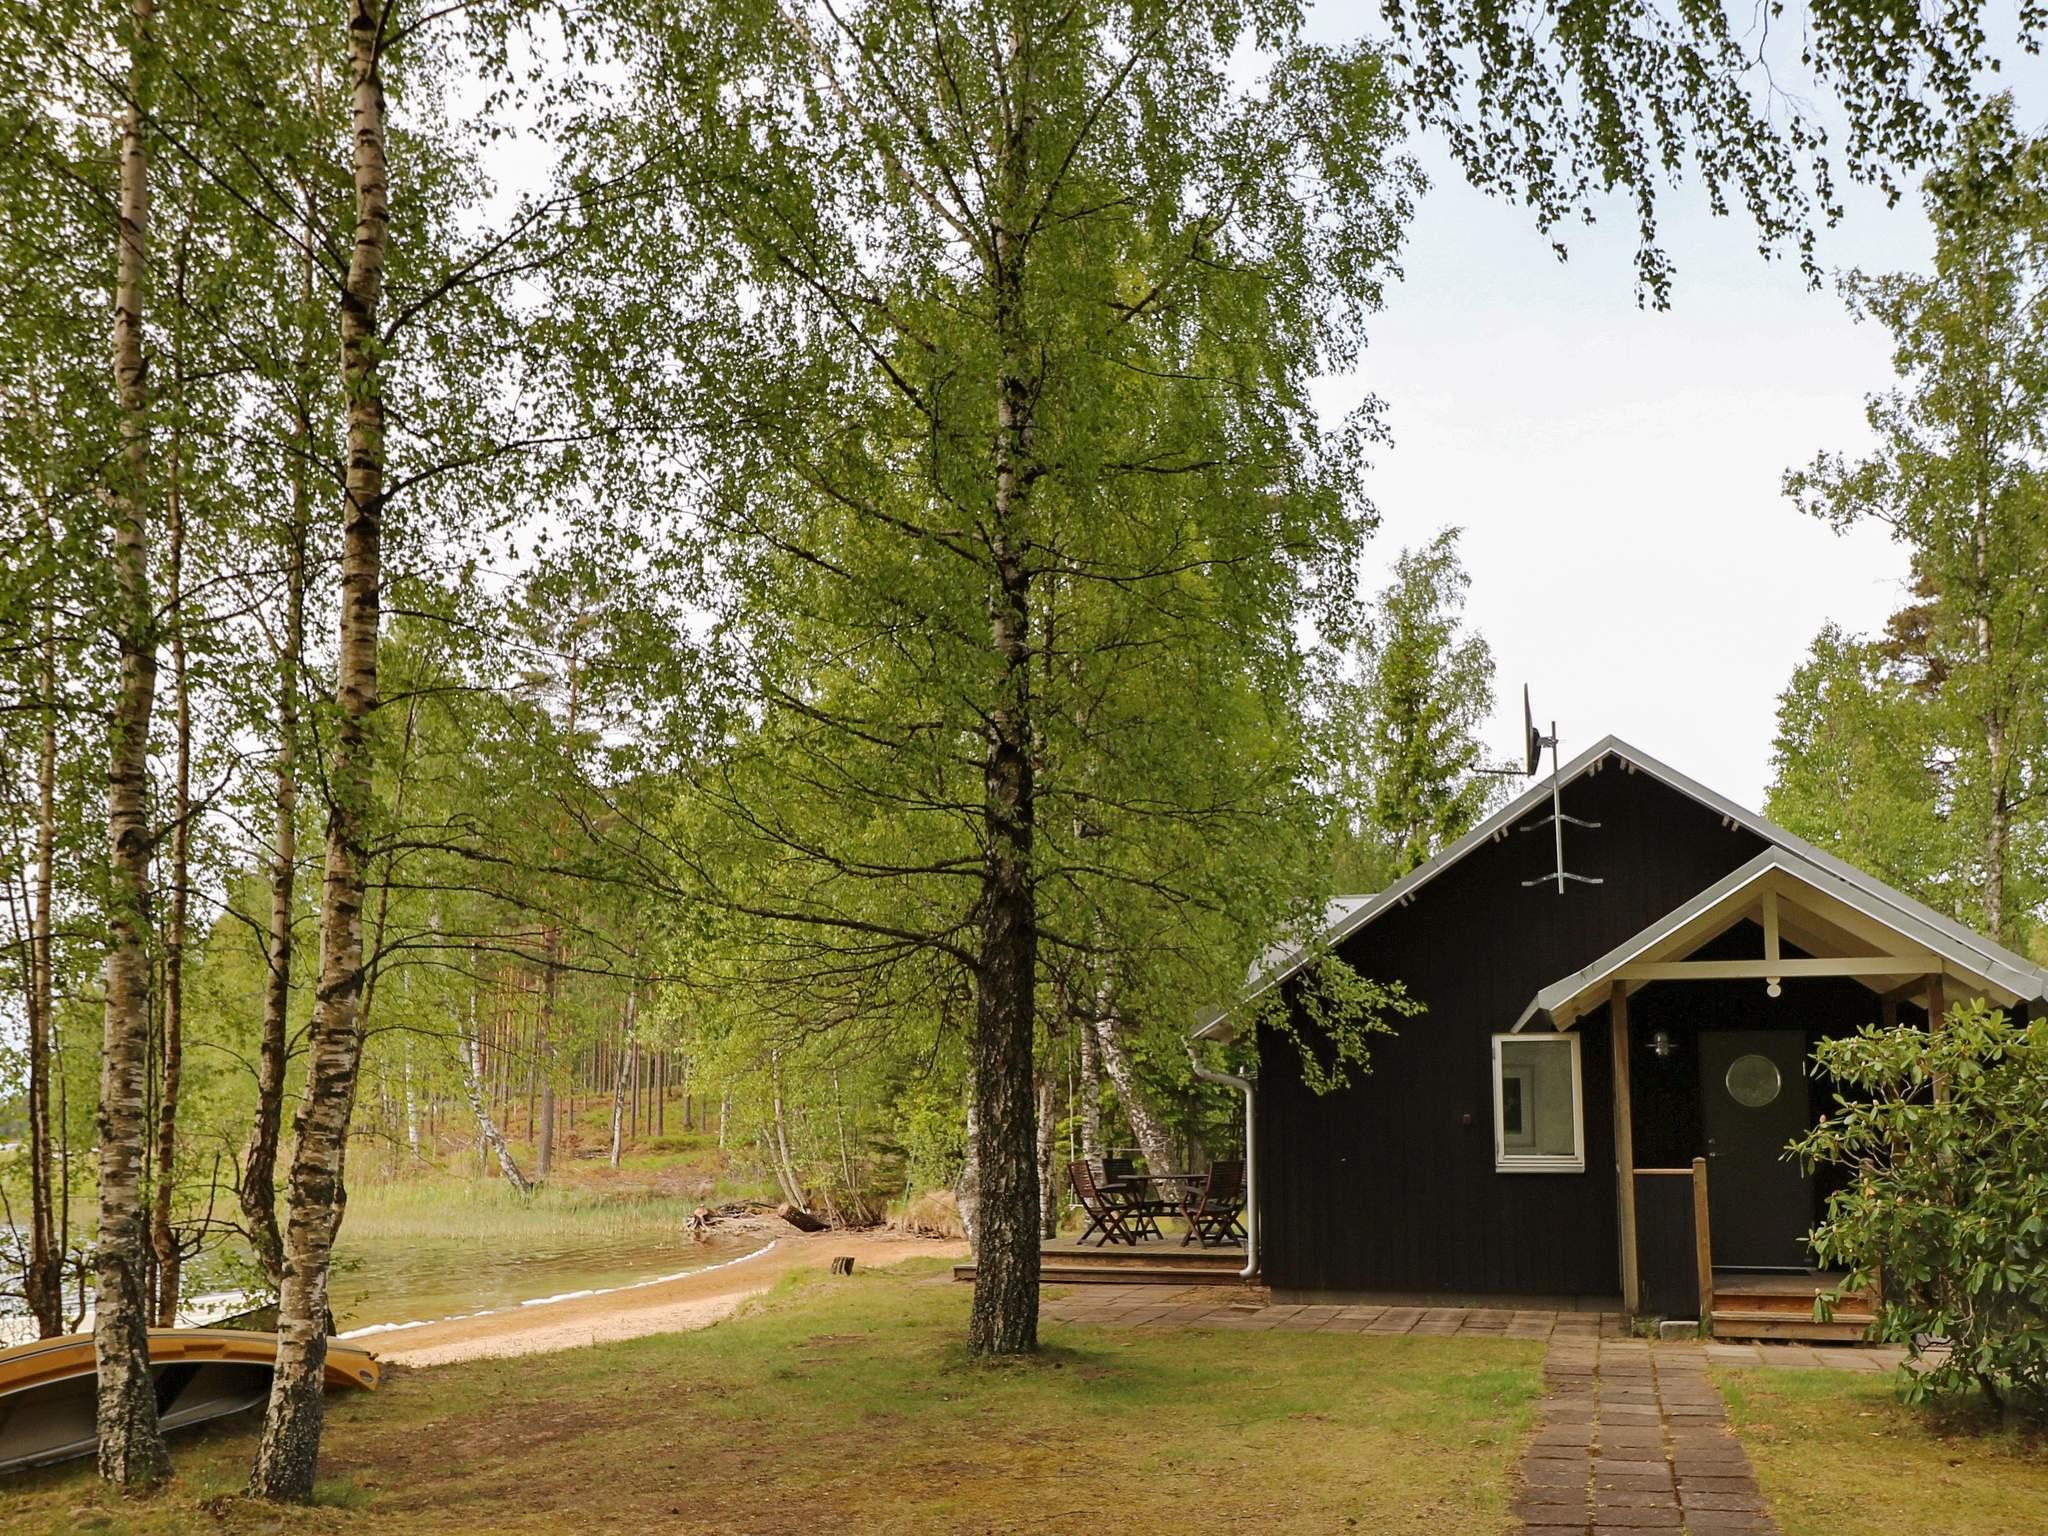 Ferienhaus Åhult (926589), Vaggeryd, Jönköpings län, Südschweden, Schweden, Bild 19